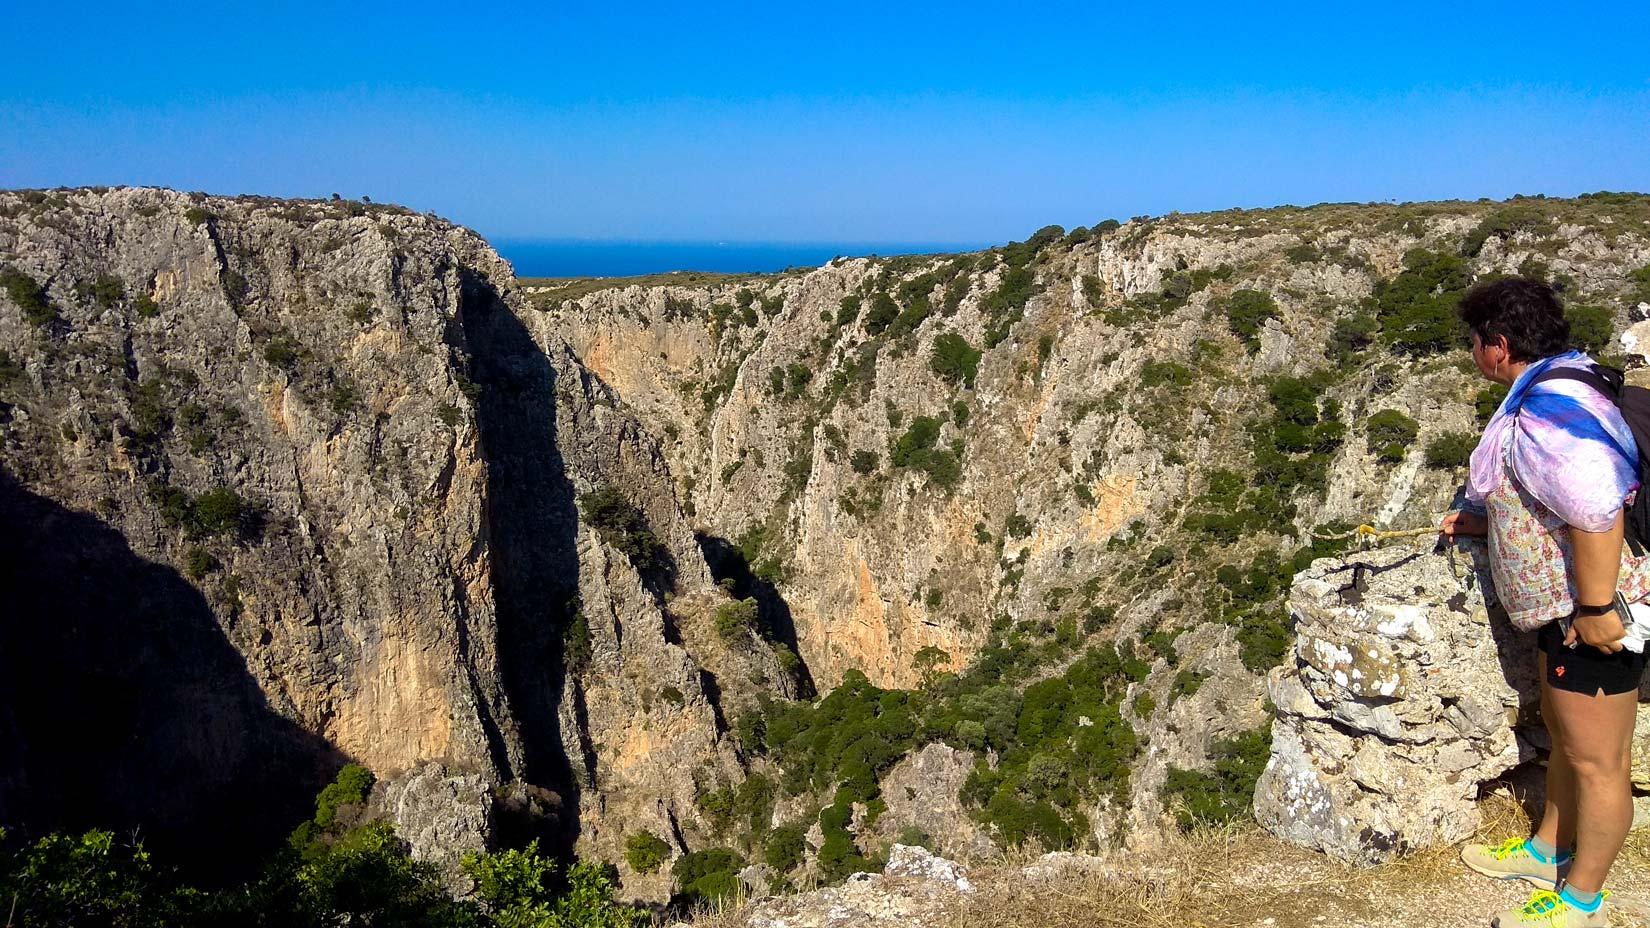 Hluboký kaňon pod Paleochorou ze kterého Barbarossa provedl zničující útok na bývalé hlavní město  Agios Dimitros